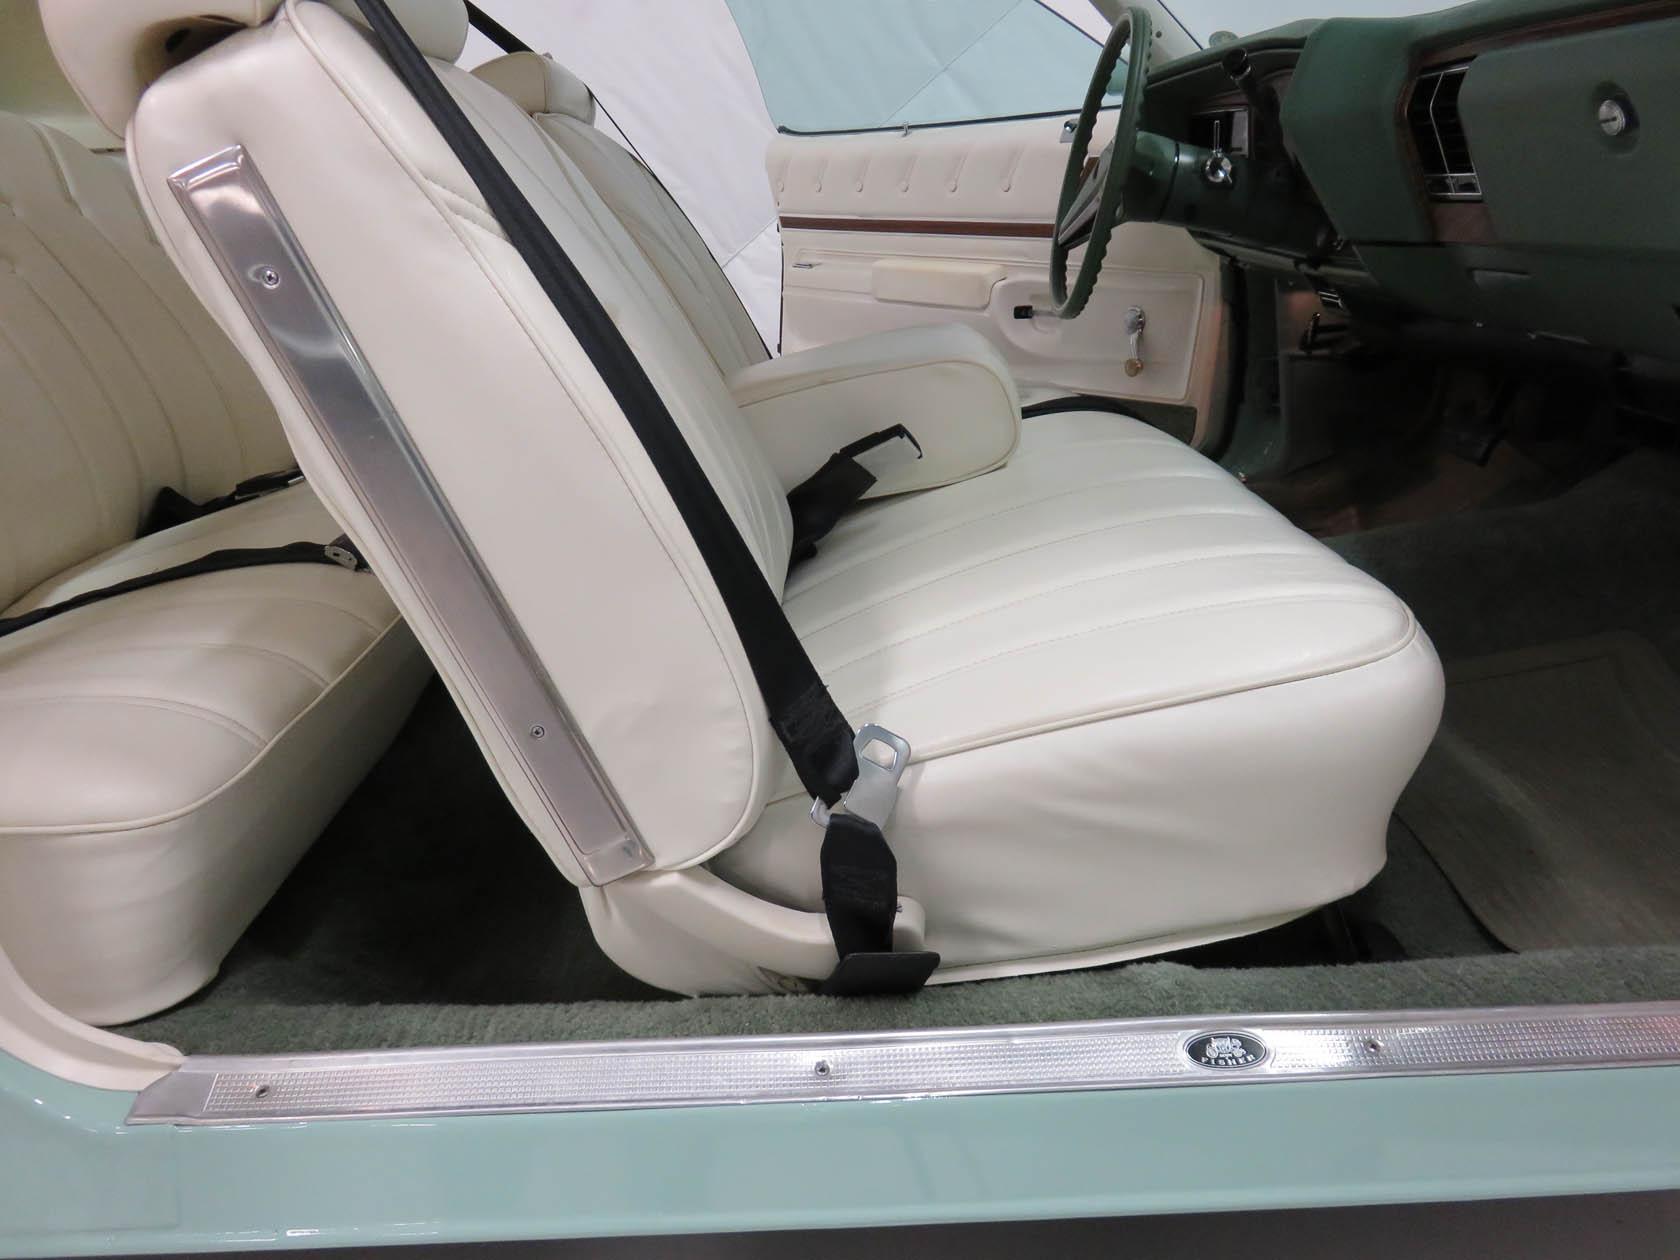 Michael Esposito - 1974 Oldsmobile Cutlasss Supreme 435